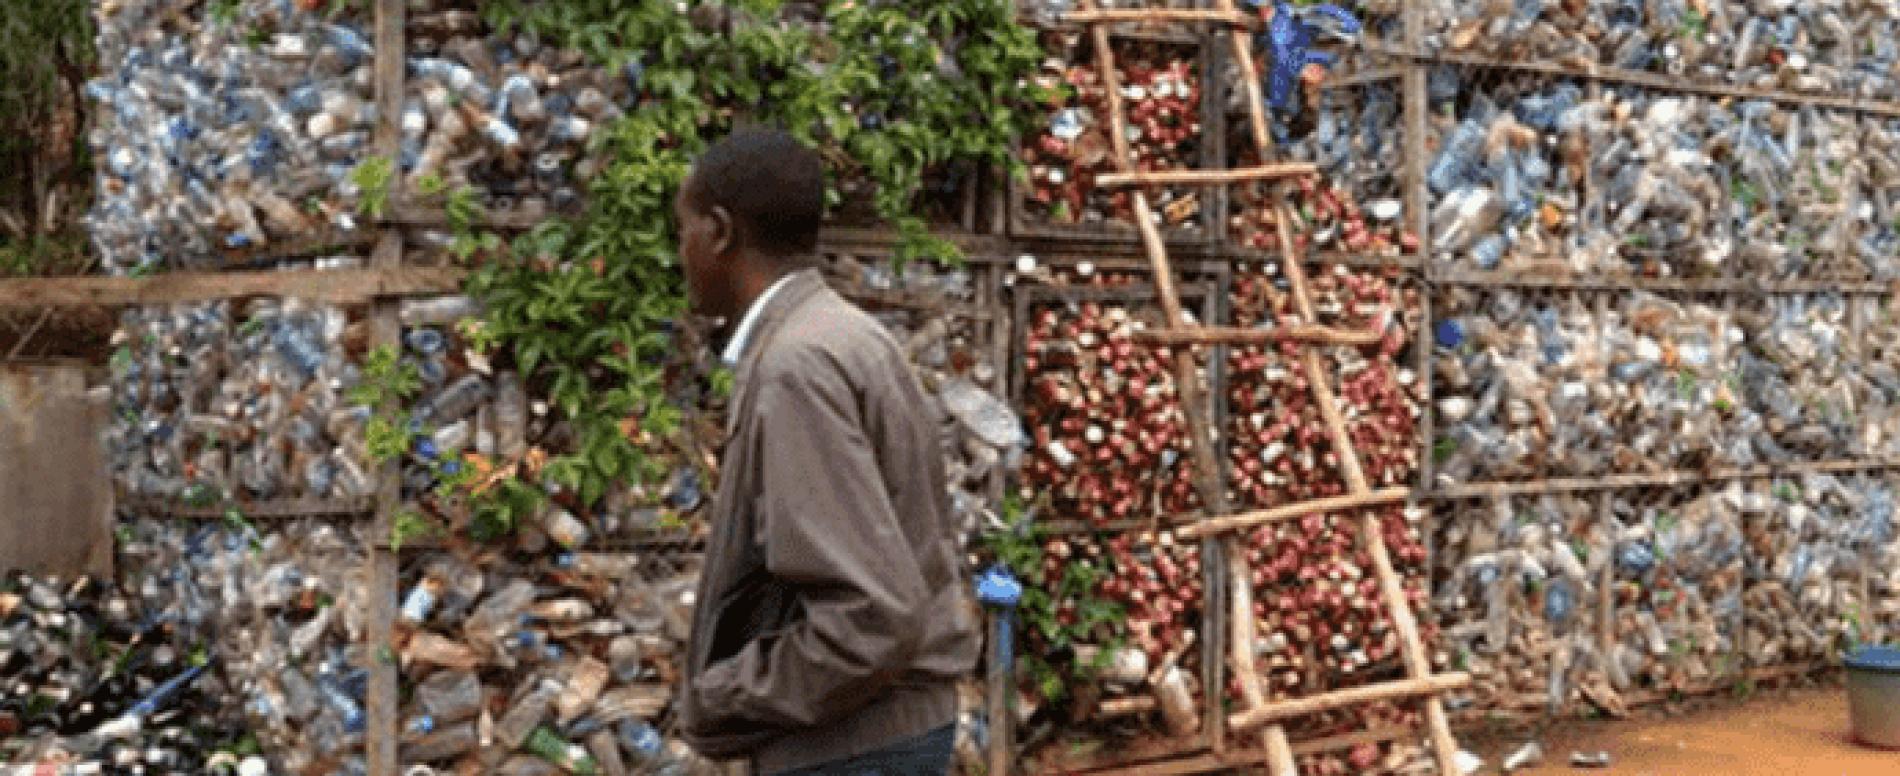 Ruanda. Un'intera nazione dice no alla plastica monouso